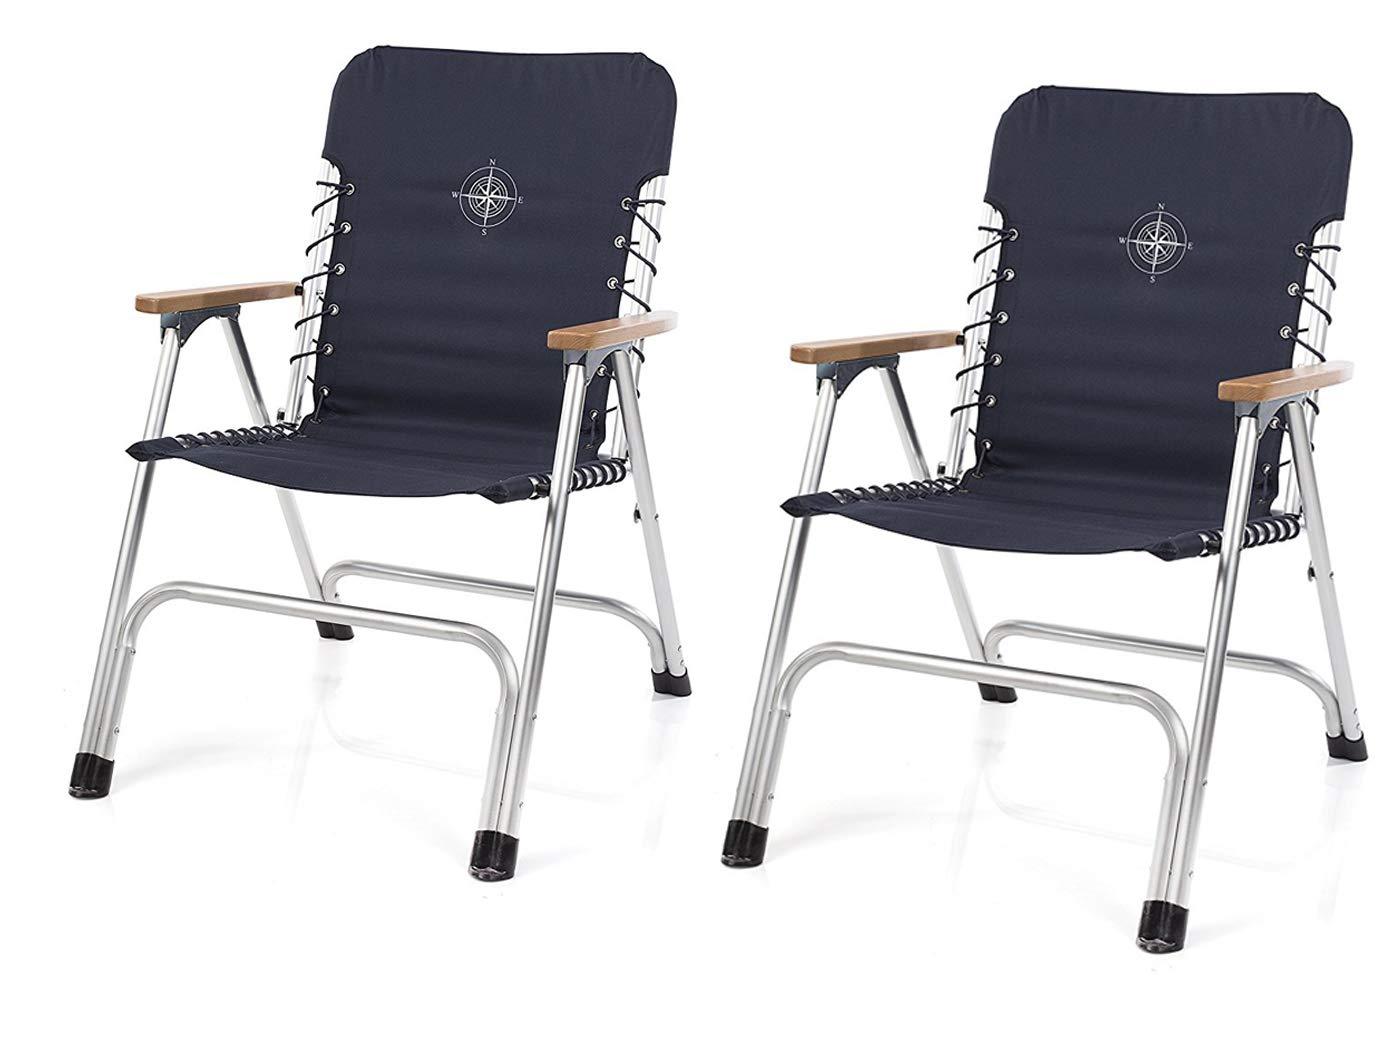 CAMPART TRAVEL Set da 2 sedie pieghevoli in blu navy con braccioli in legno + stampa a bussola.